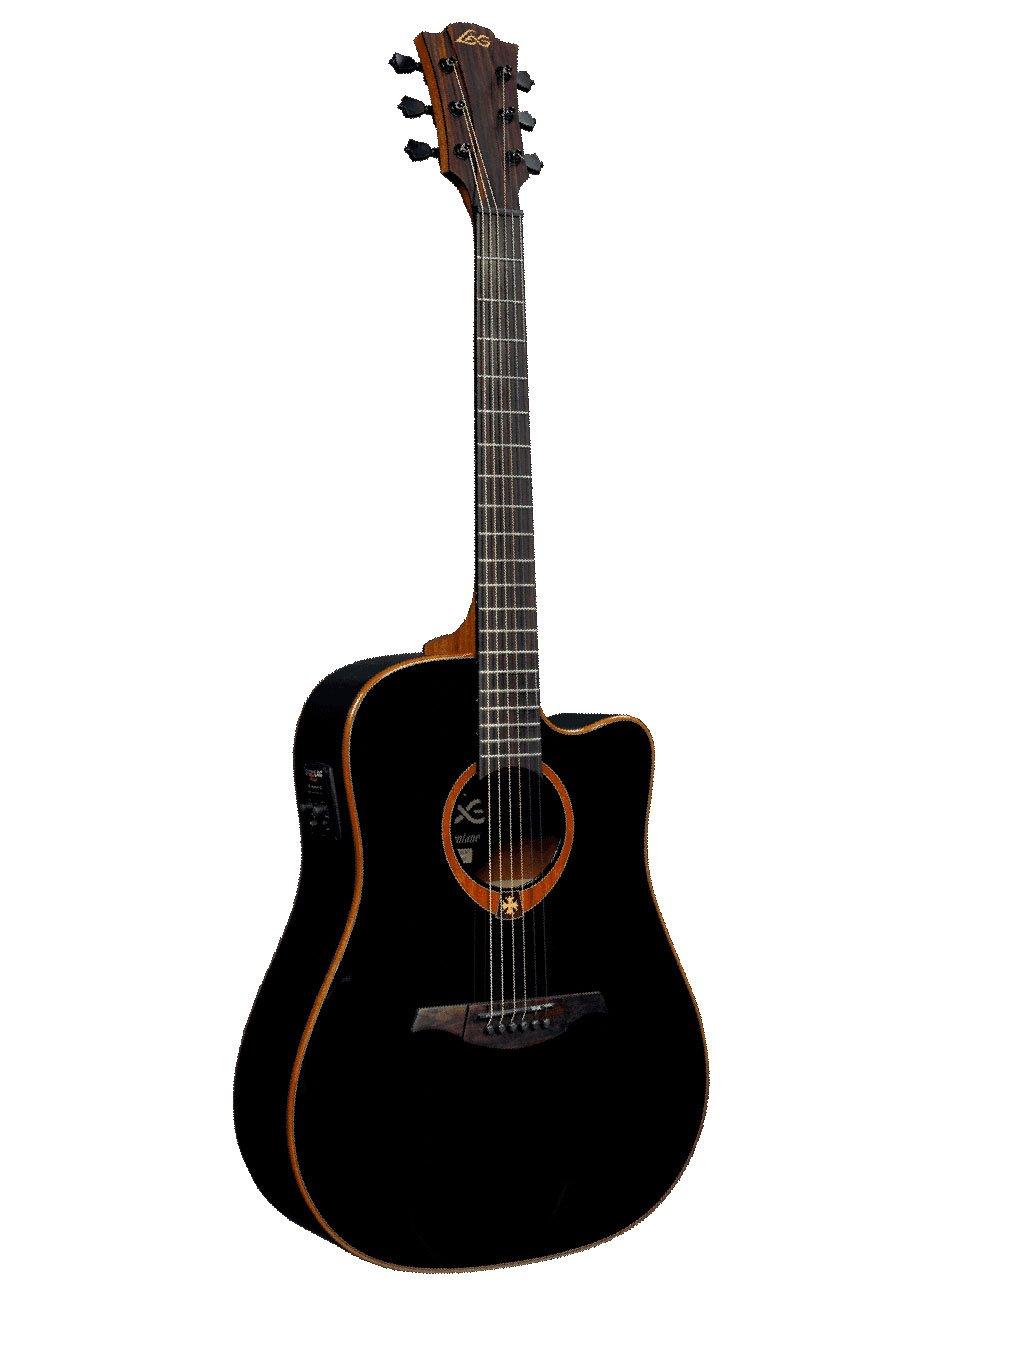 residía t100dce BLK - Guitarra electroacústica Folk eléctrica acústica: Amazon.es: Instrumentos musicales